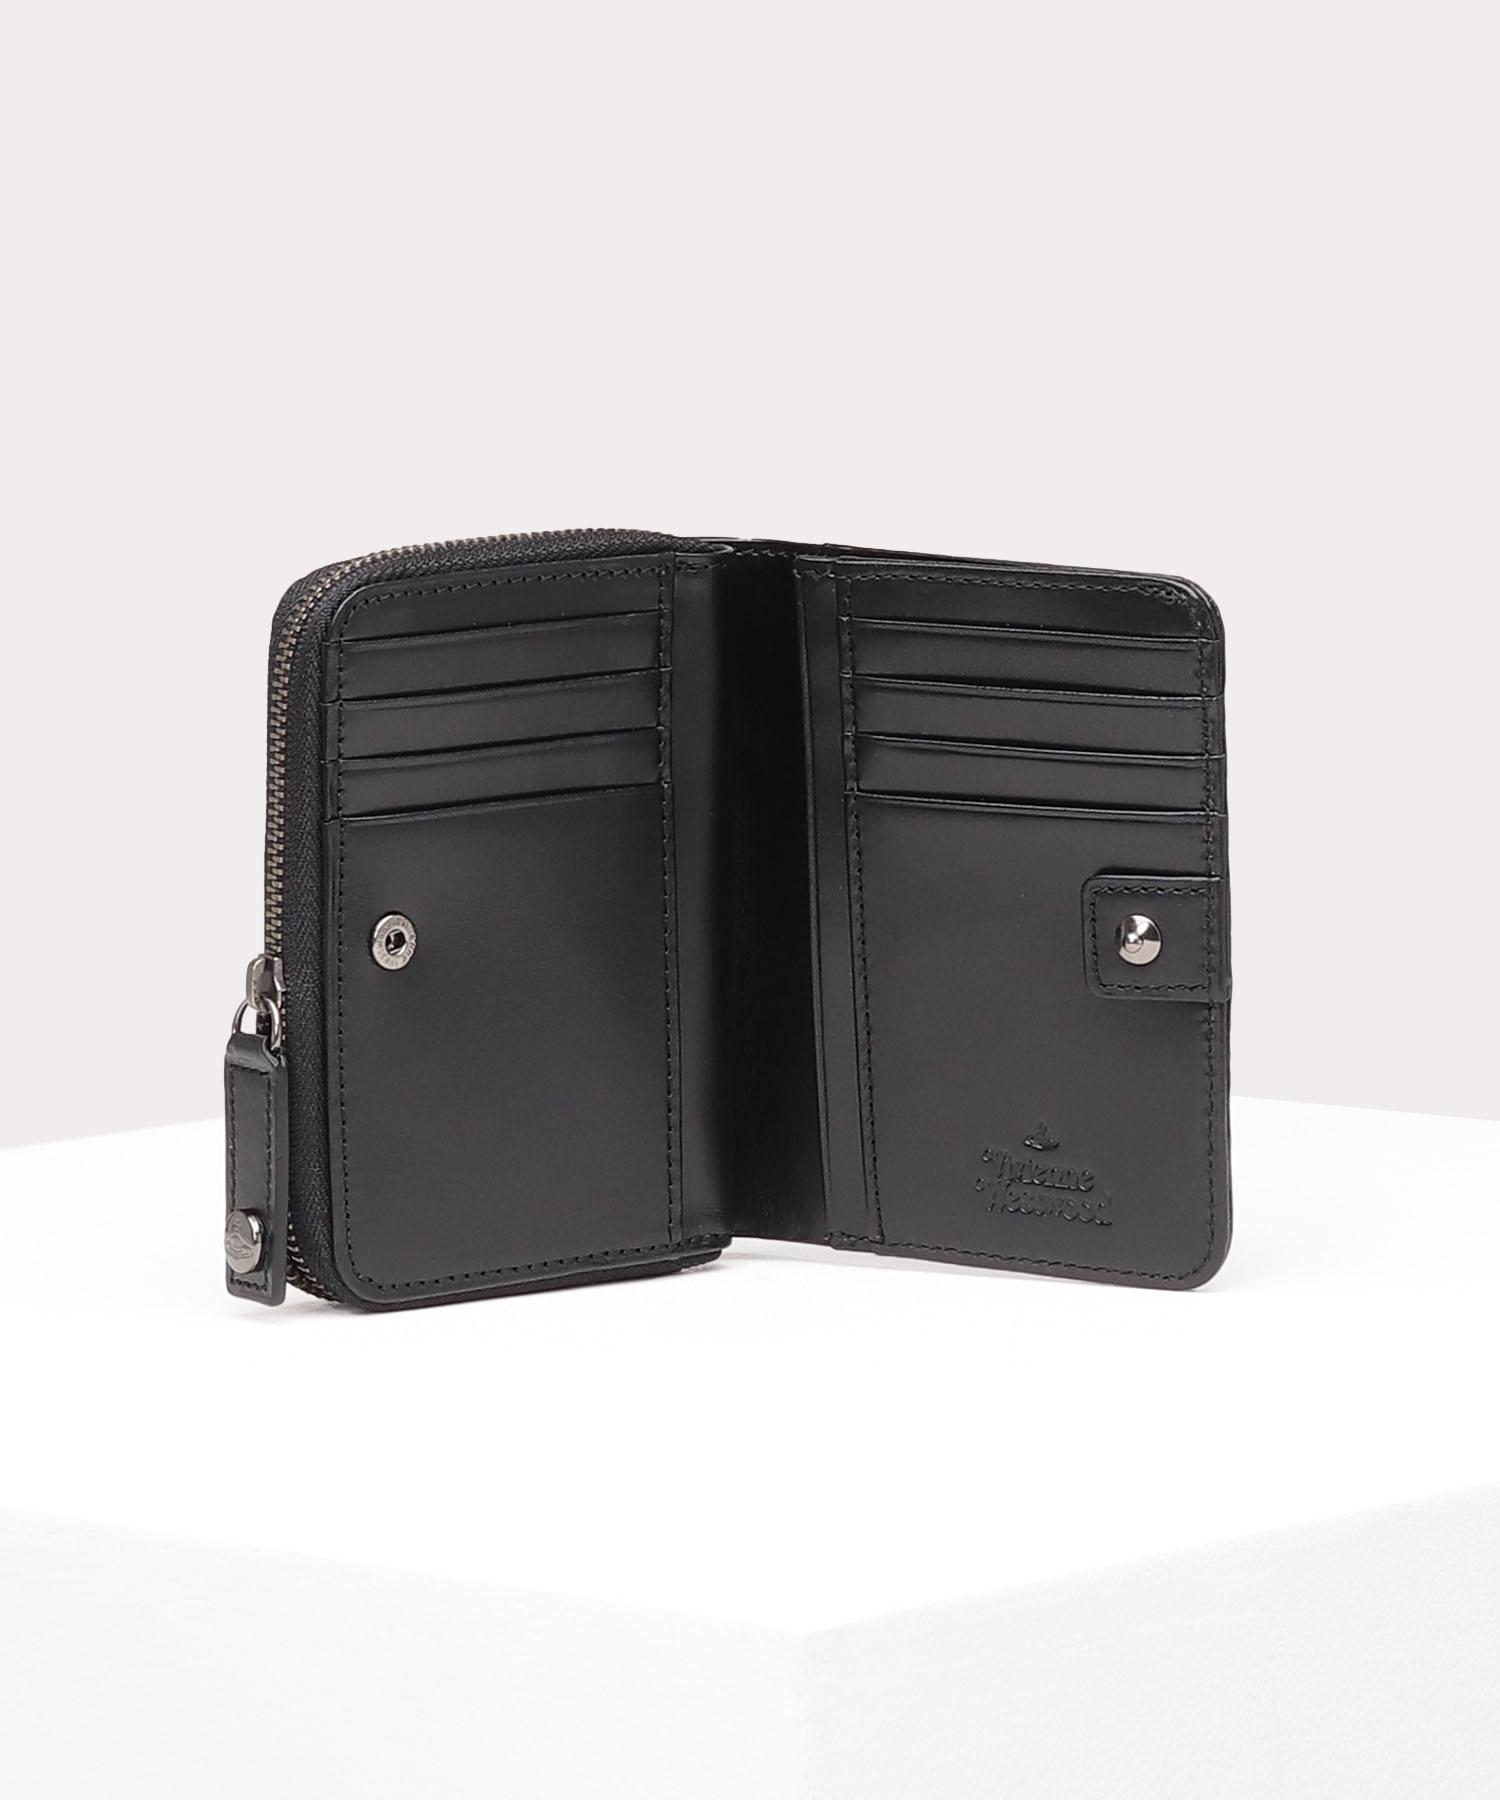 パターンORB ラウンドファスナー二つ折り財布